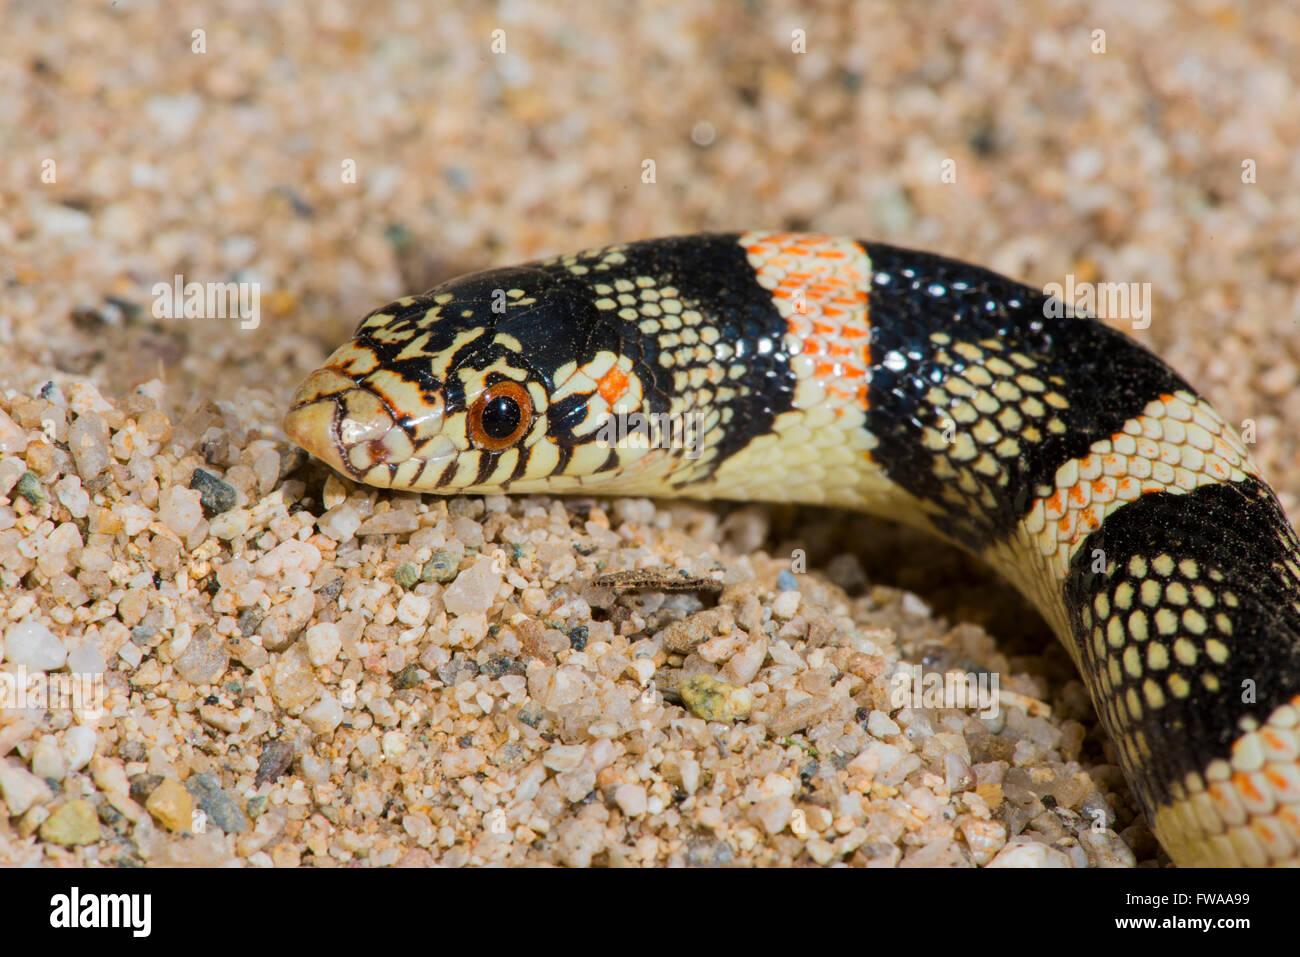 Long-nosed Snake  Rhinocheilus lecontei Tucson, Pima County, Arizona, United States 12 August       Adult       - Stock Image